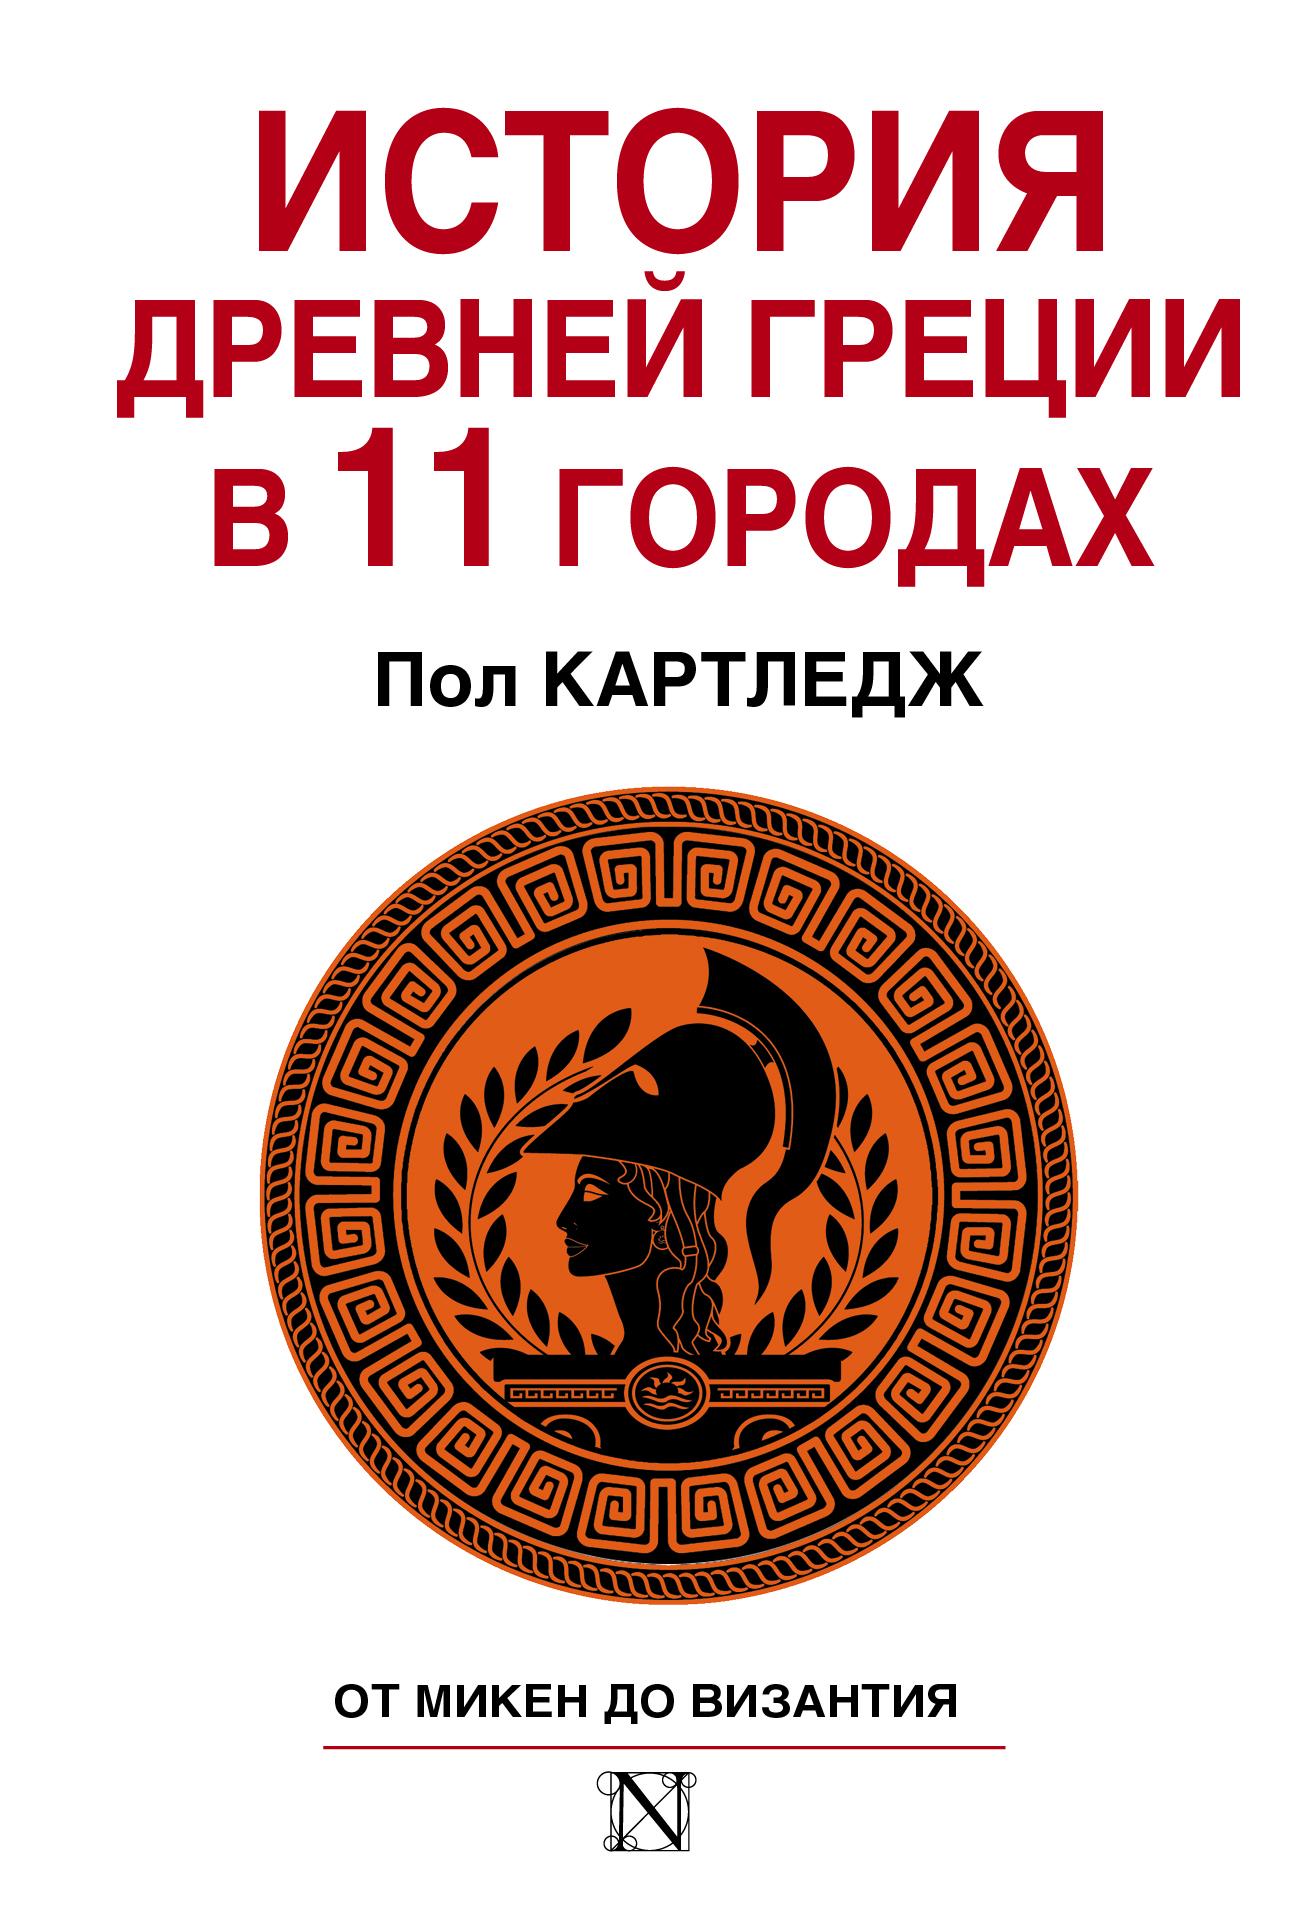 Картледж П. История Древней Греции в 11 городах купить шубу в греции по интернету